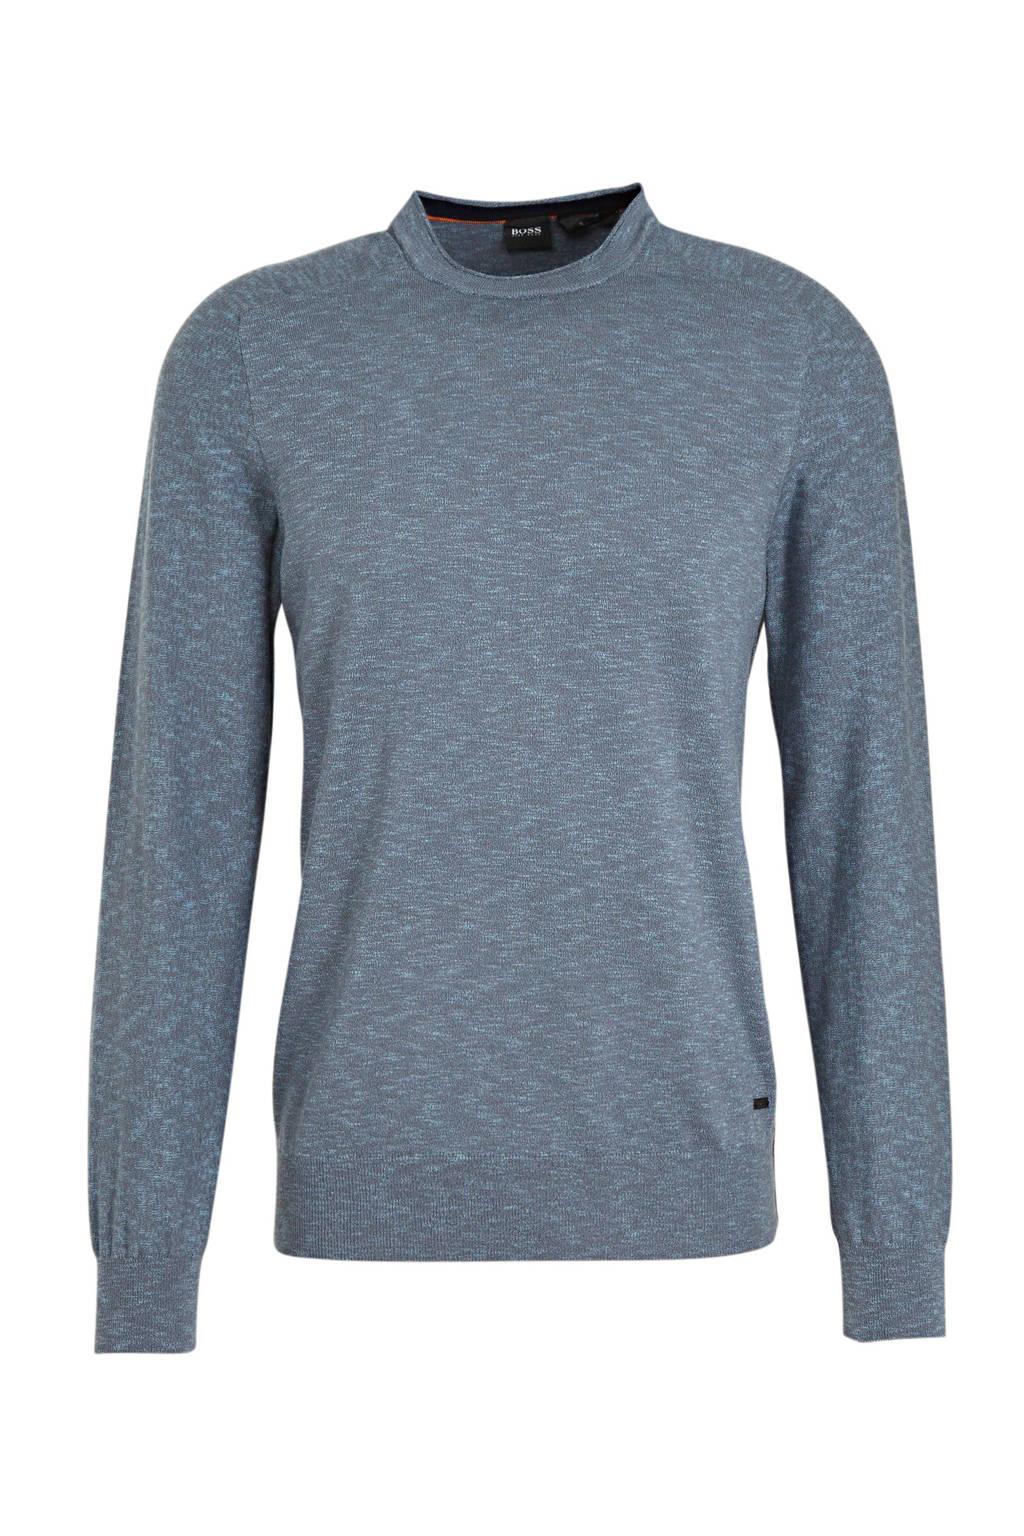 BOSS Casual gemêleerde fijngebreide trui grijsblauw, Grijsblauw